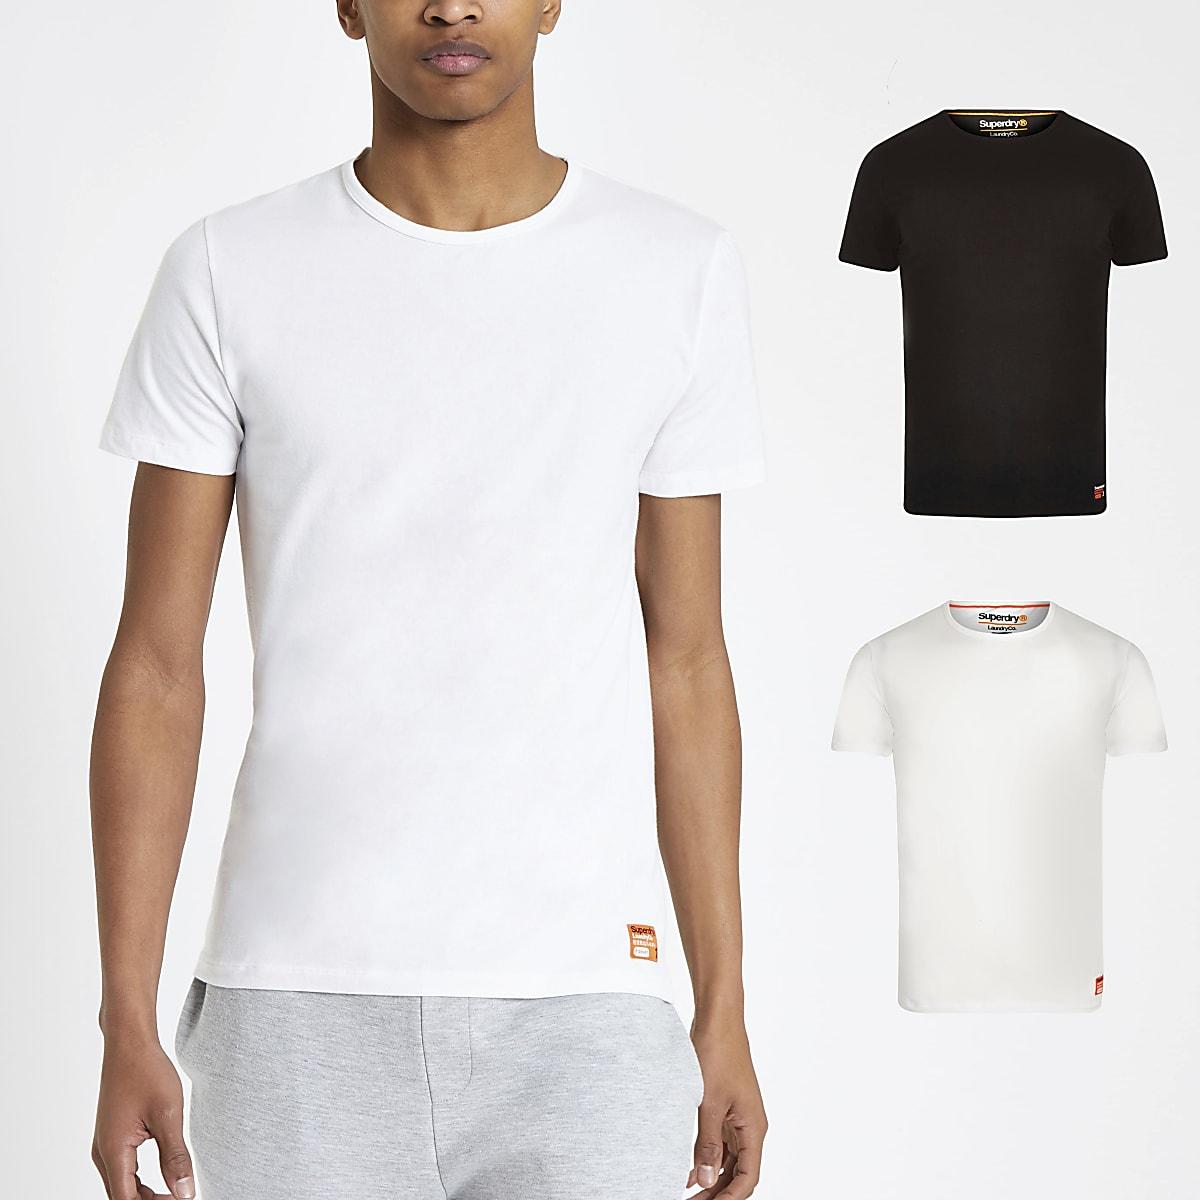 Superdry - Set van 2 witte slim-fit T-shirts